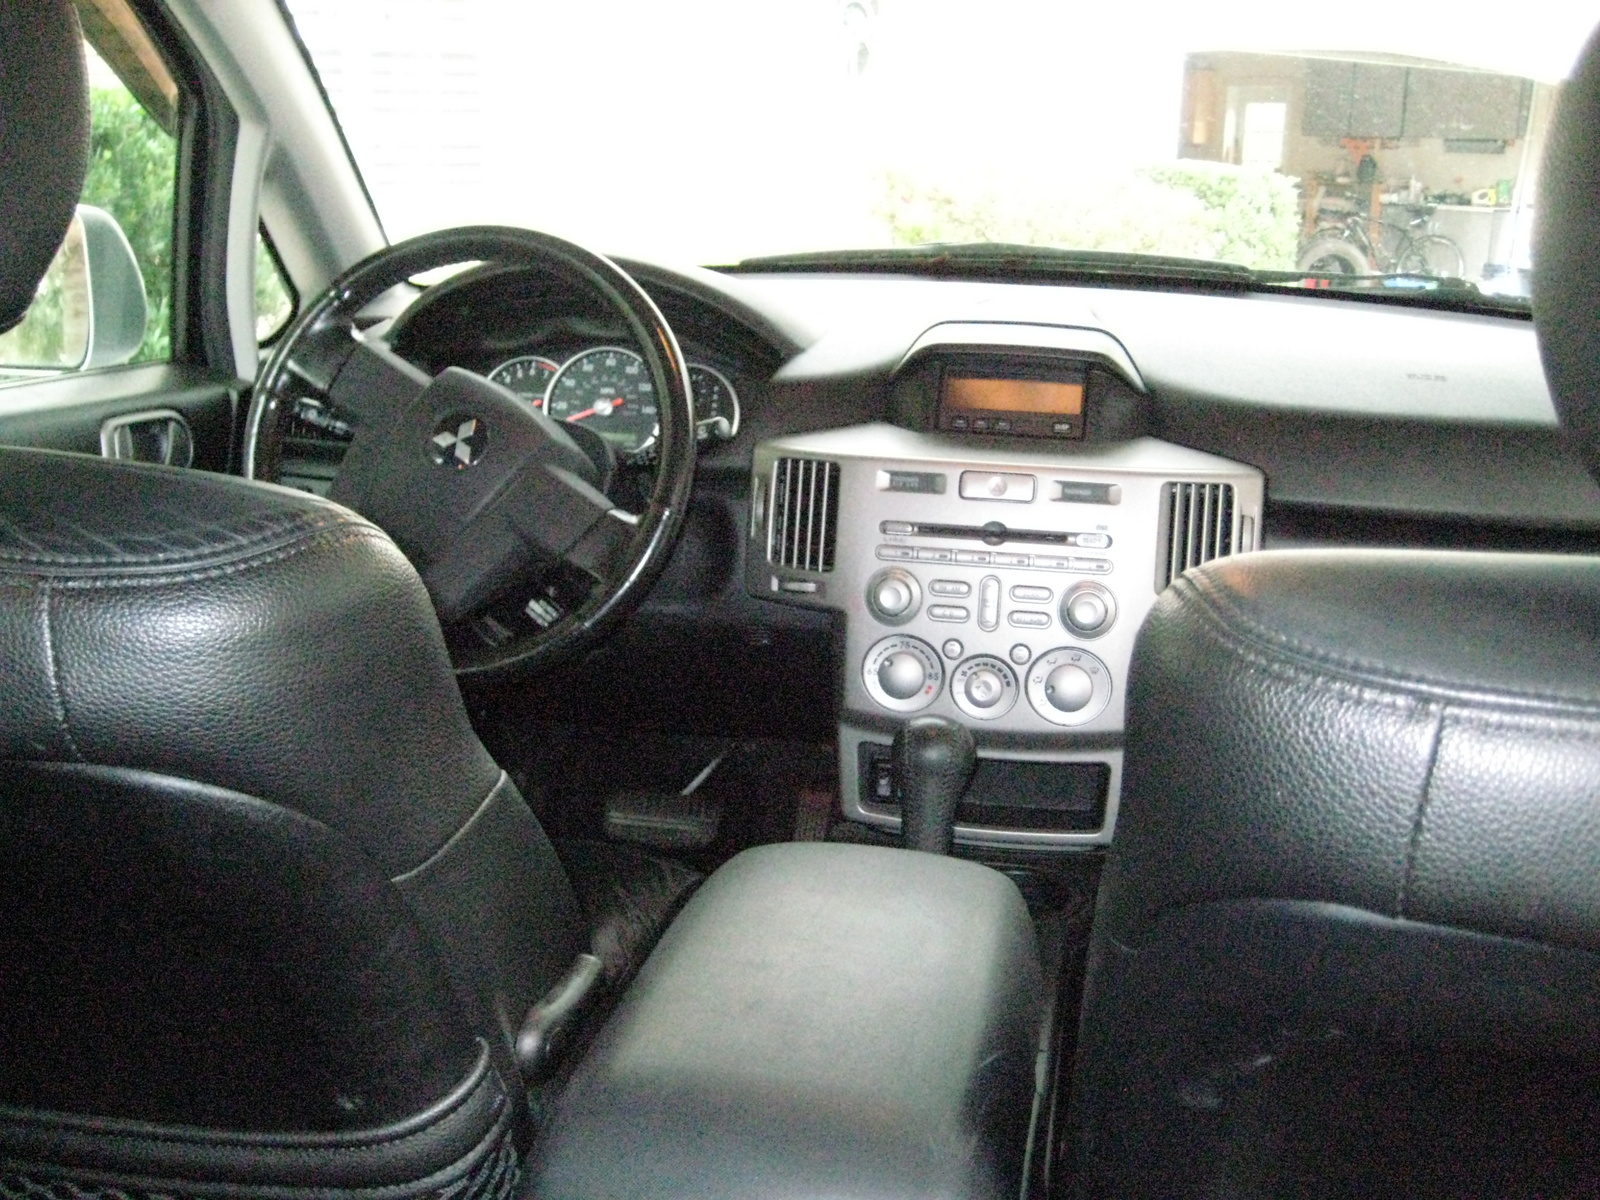 2005 Mitsubishi Endeavor Interior Pictures Cargurus